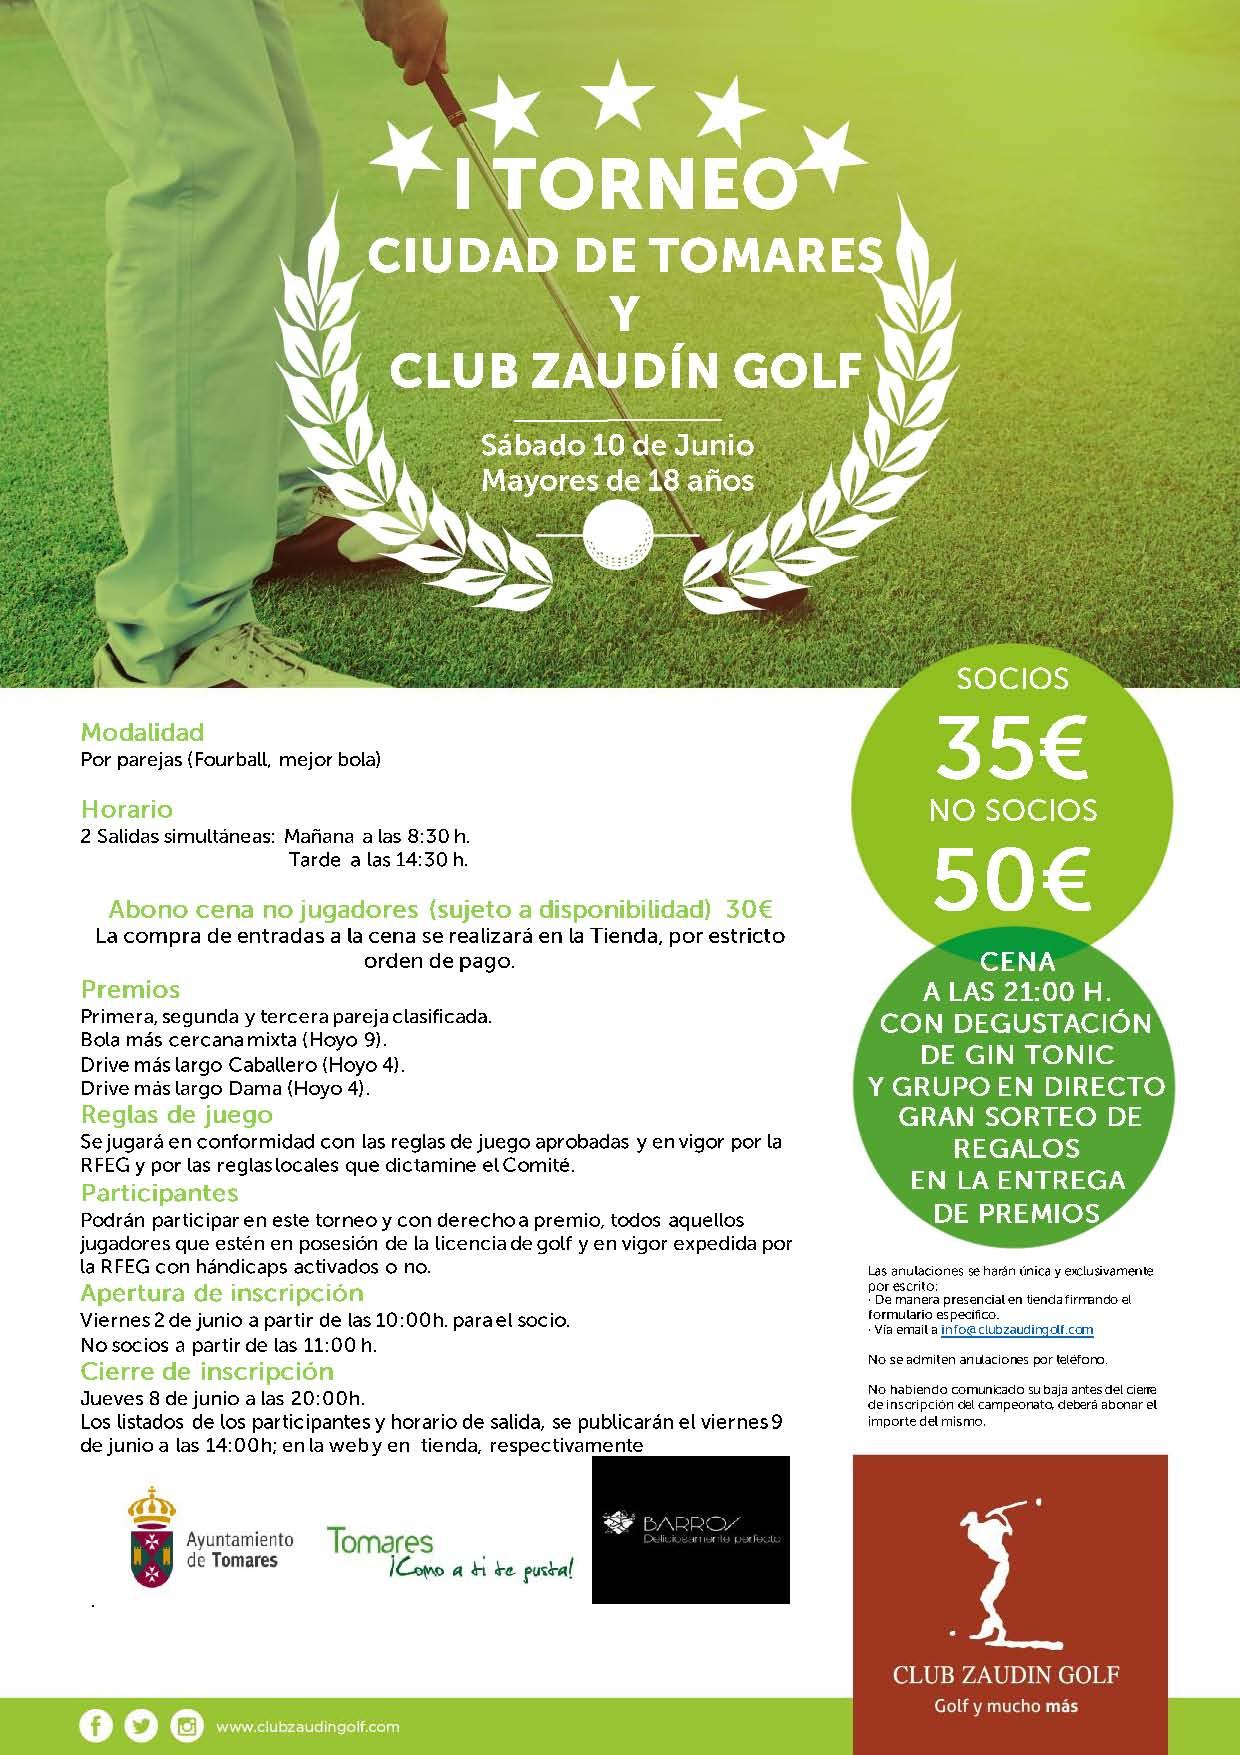 Torneo de Golf Ciudad de Tomares